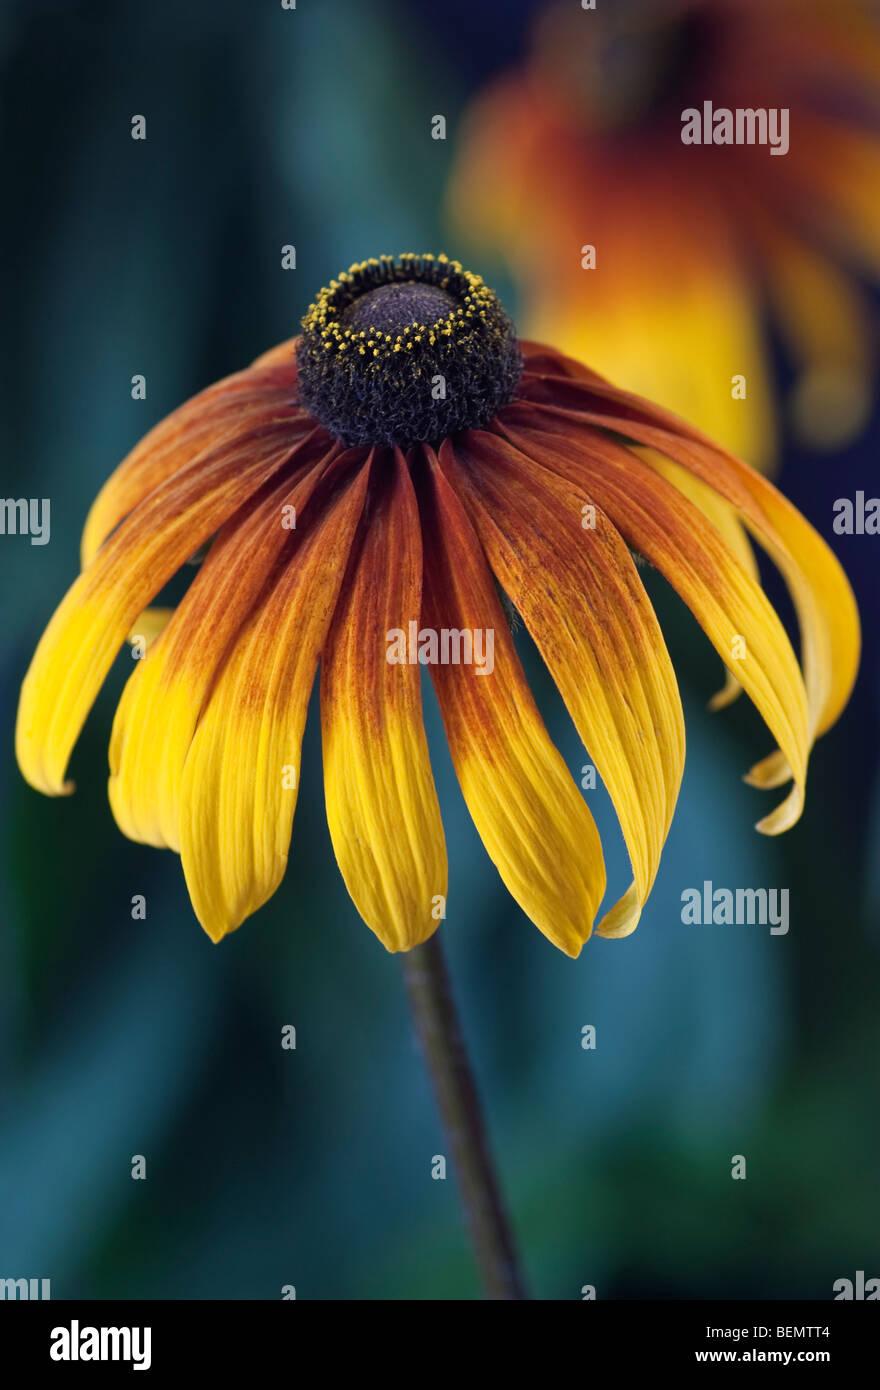 Rudbeckia [Gloriosa Daisy] Photo Stock